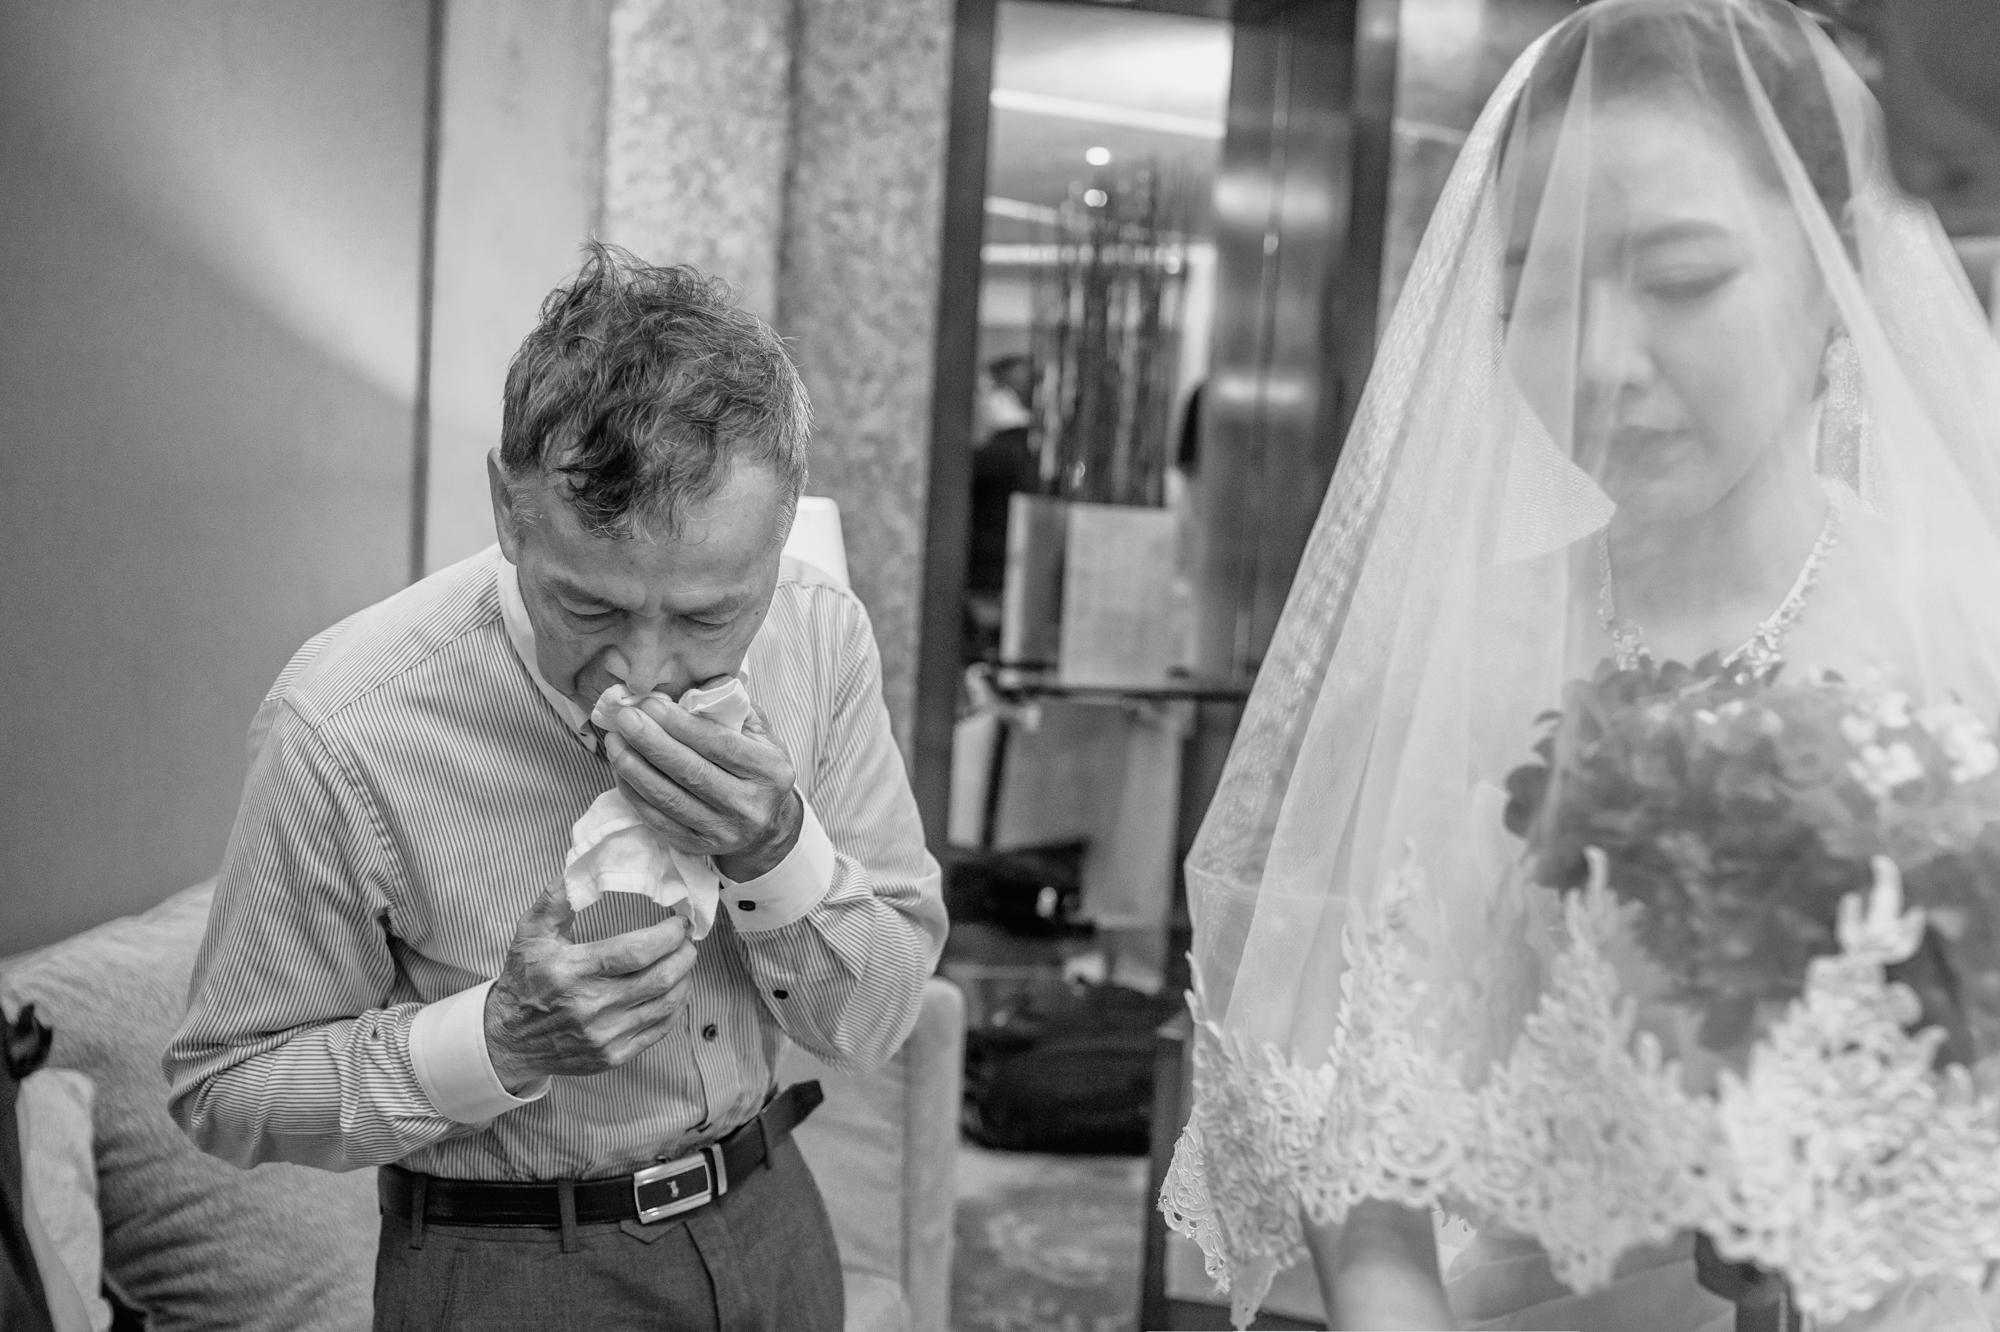 『台北婚攝』 Morris  & Christine  @ 遠企飯店  婚禮紀錄/婚攝